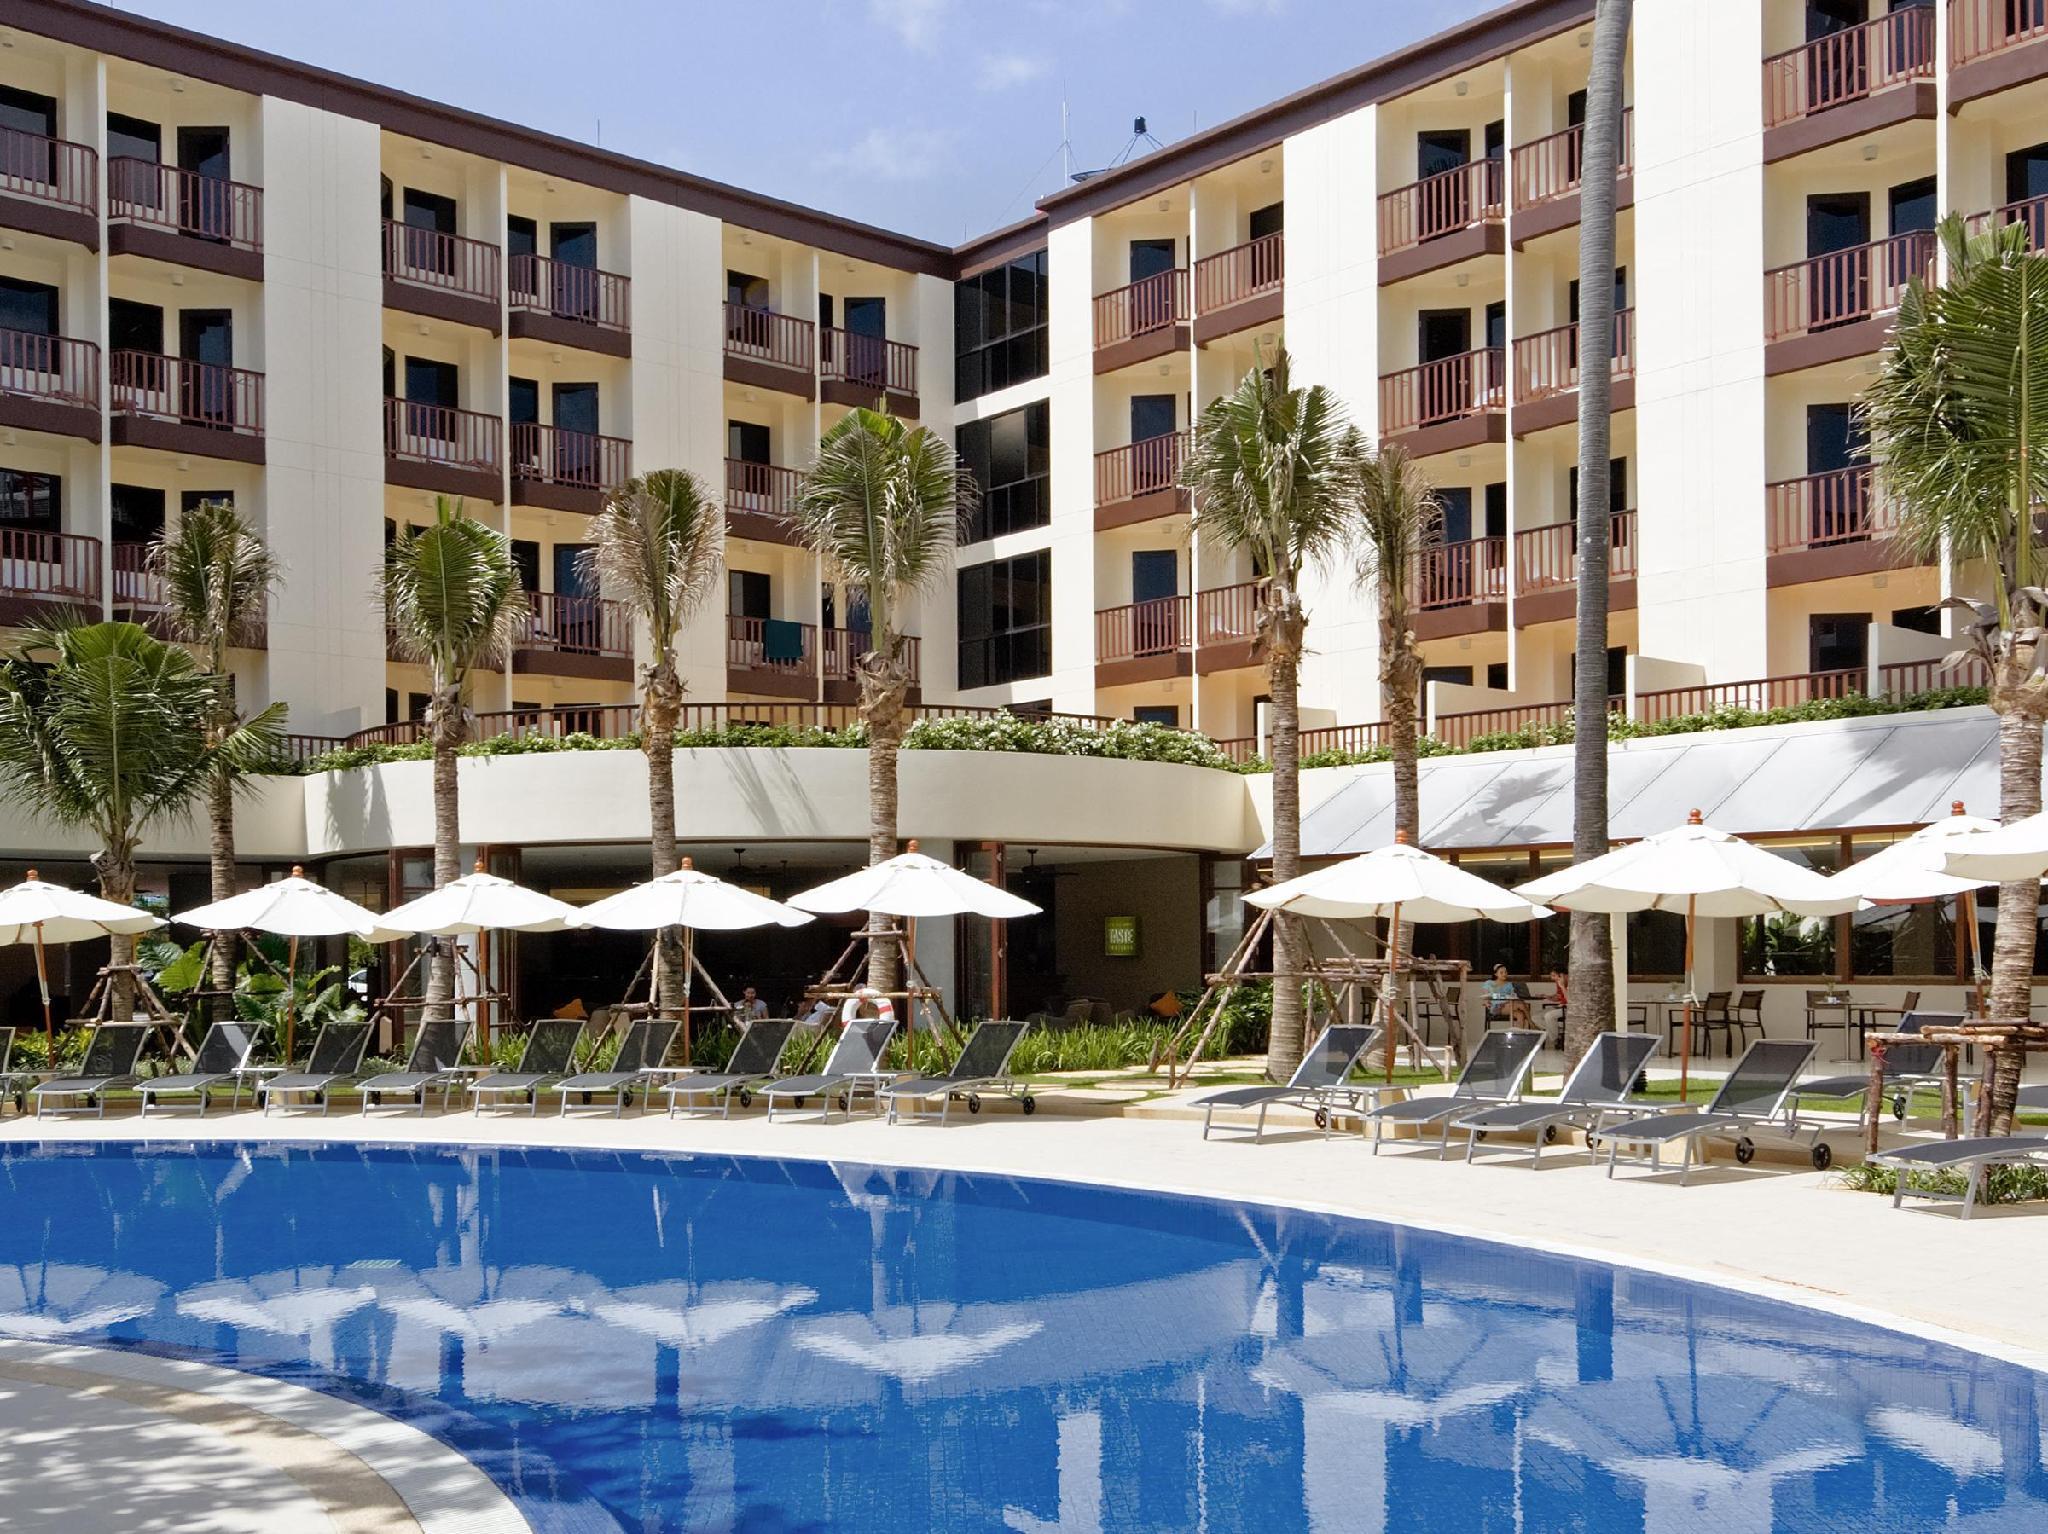 โรงแรมไอบิส ภูเก็ต ป่าตอง